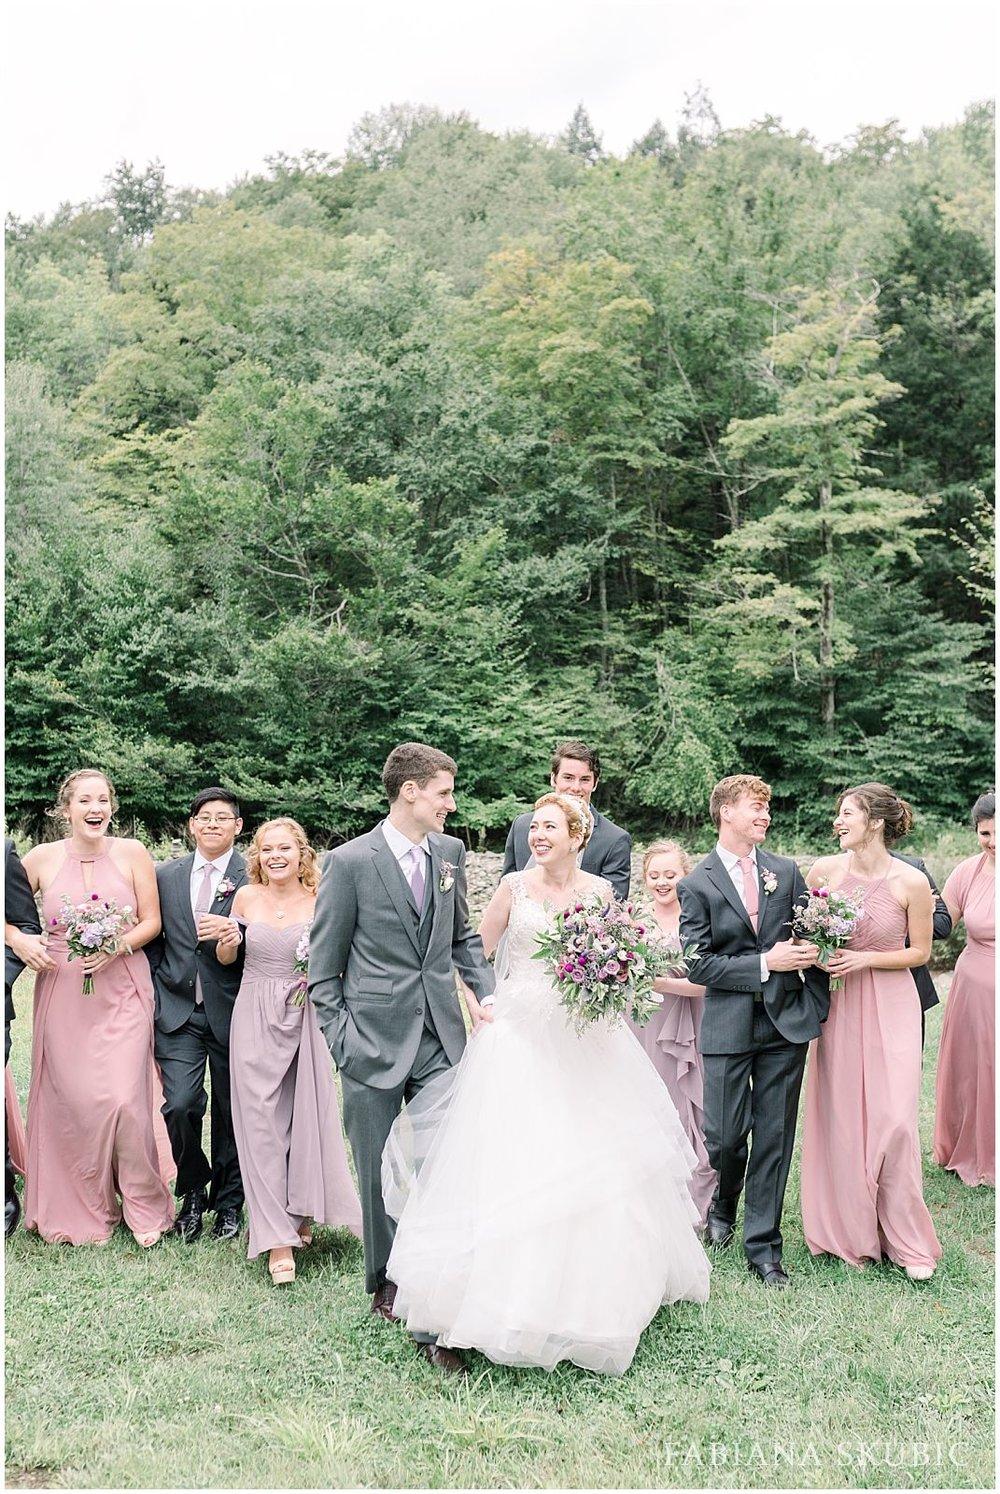 FabianaSkubic_J&M_FullMoonResort_Wedding_0062.jpg